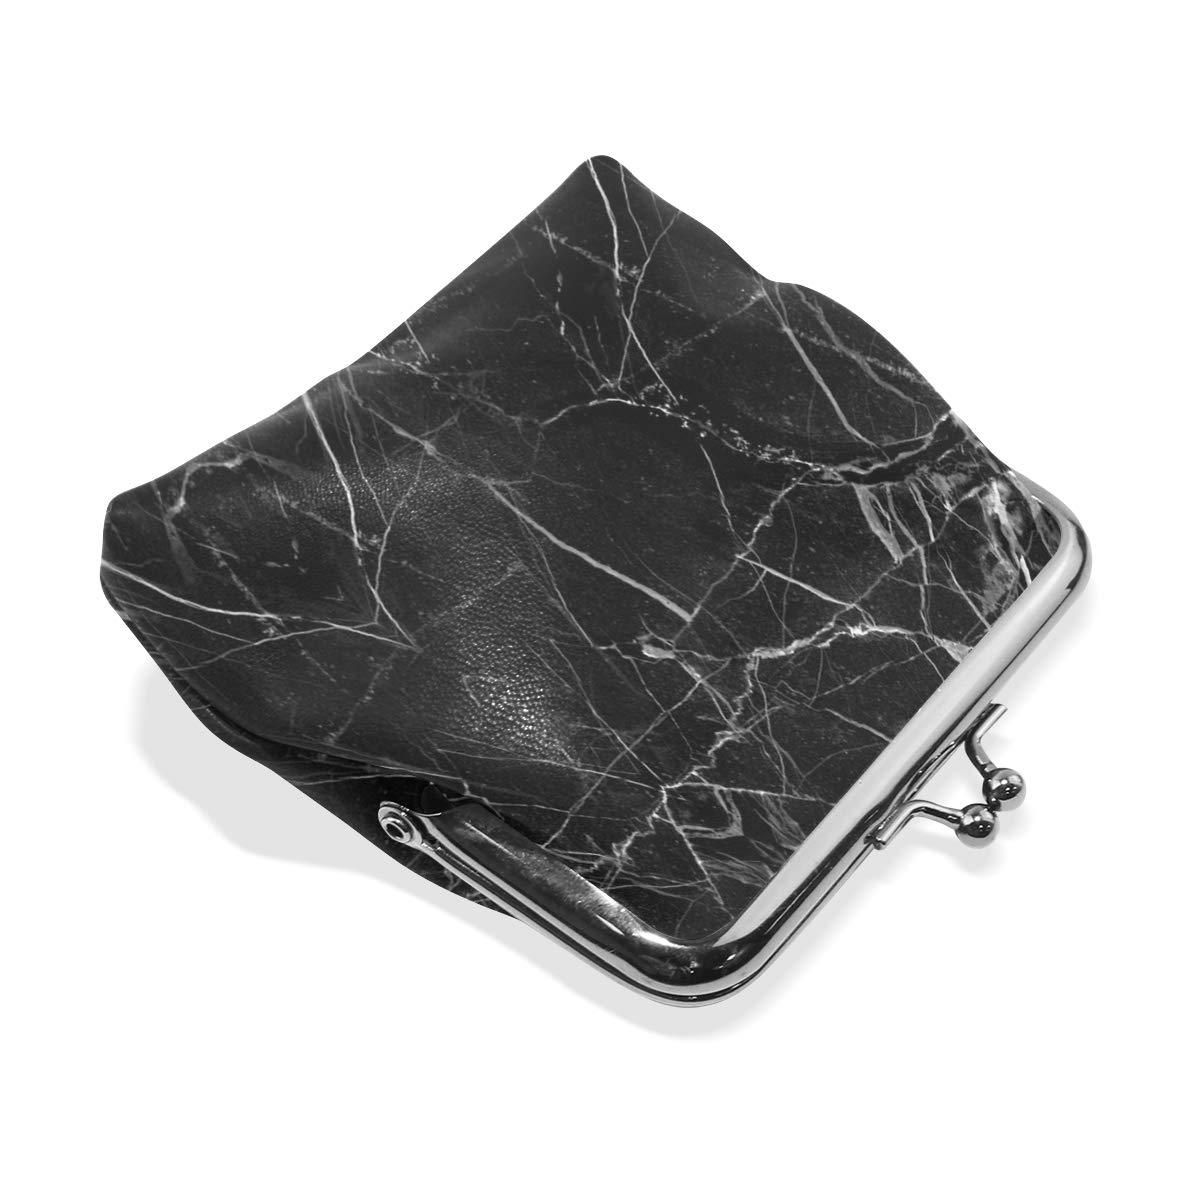 Marble Black Rock Mini Coin Purse Clutch Bag Cute Coin Purse Retro Bag Minimalist Coin Purse Men//Women Super Fashion Coin Purse